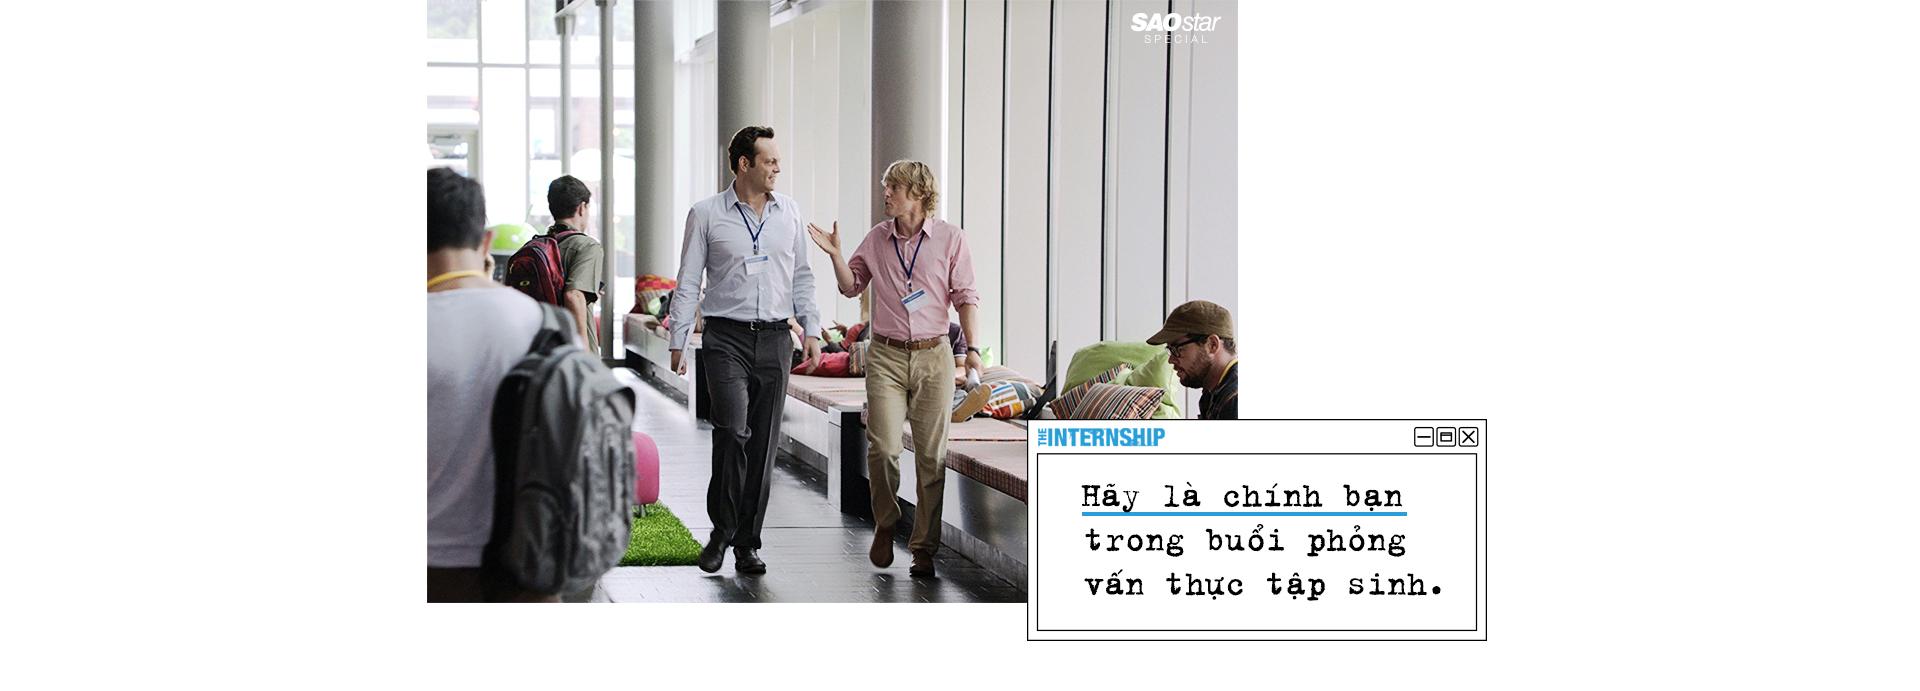 'Internship': Câu chuyện thực tập phiêu lưu ký trên màn ảnh với vô số bài học bổ ích